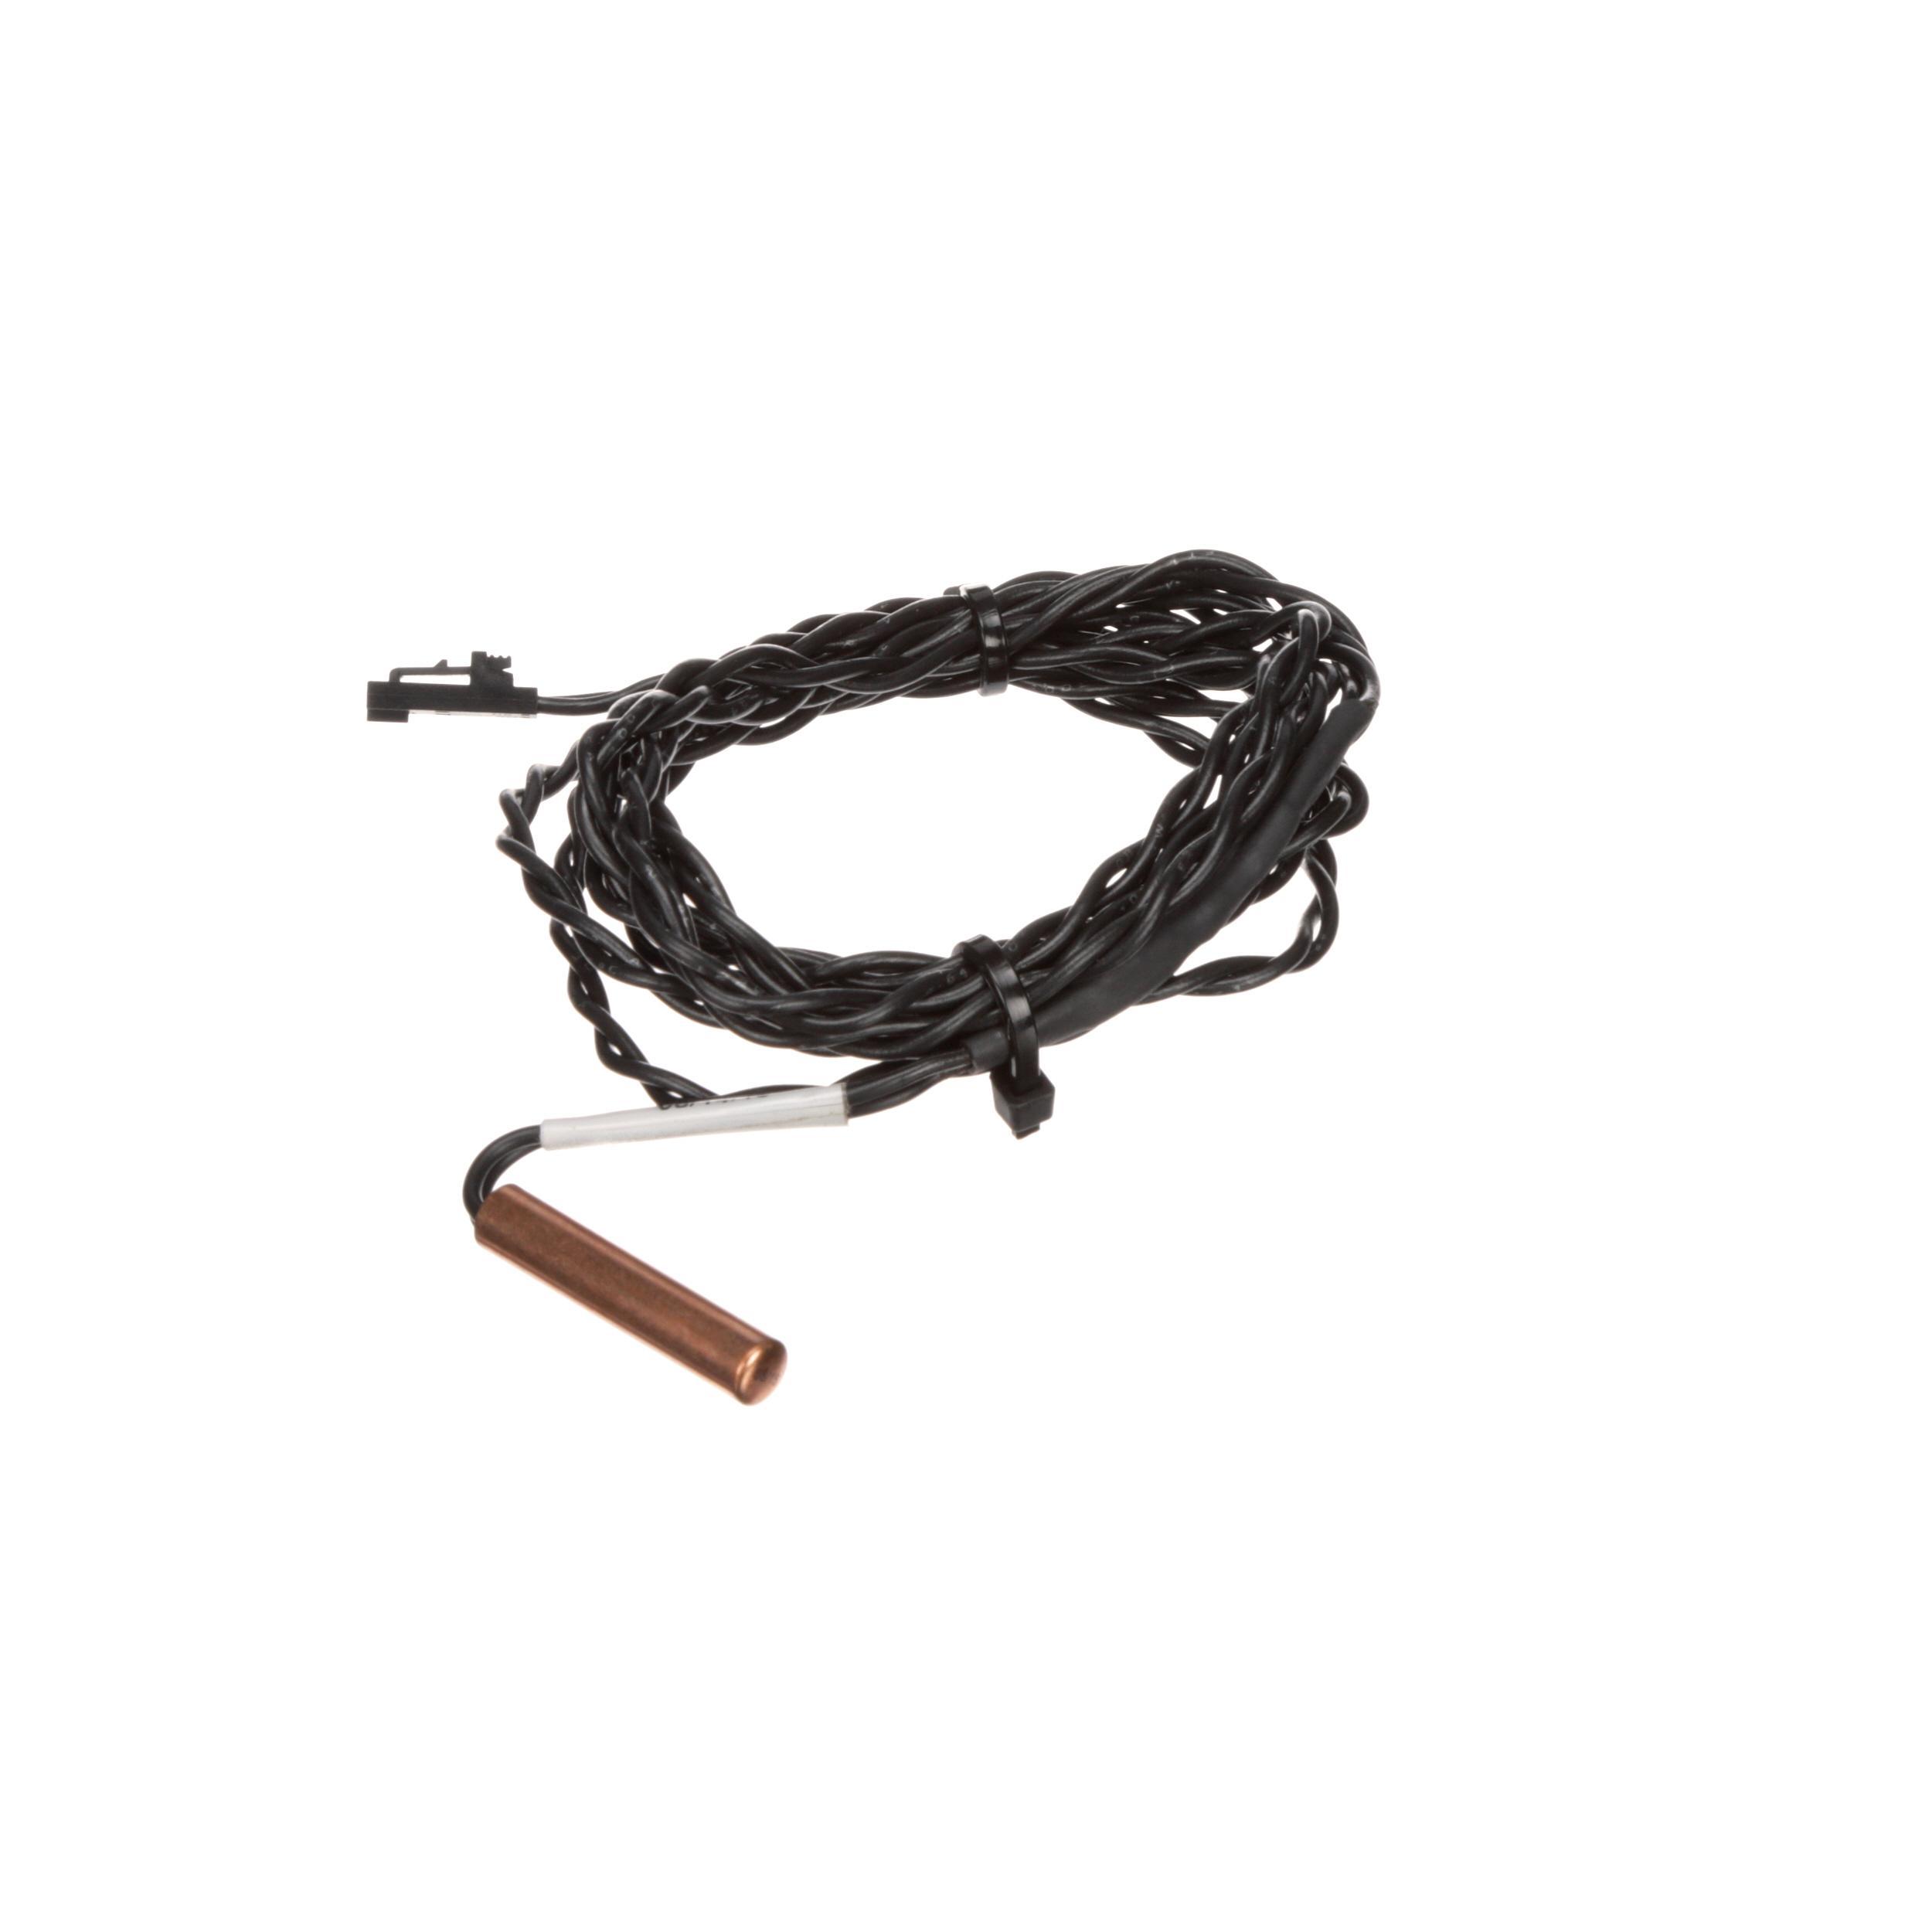 Kolpak Harness Wireasm 72 Tmpsensor Wilcas Wire